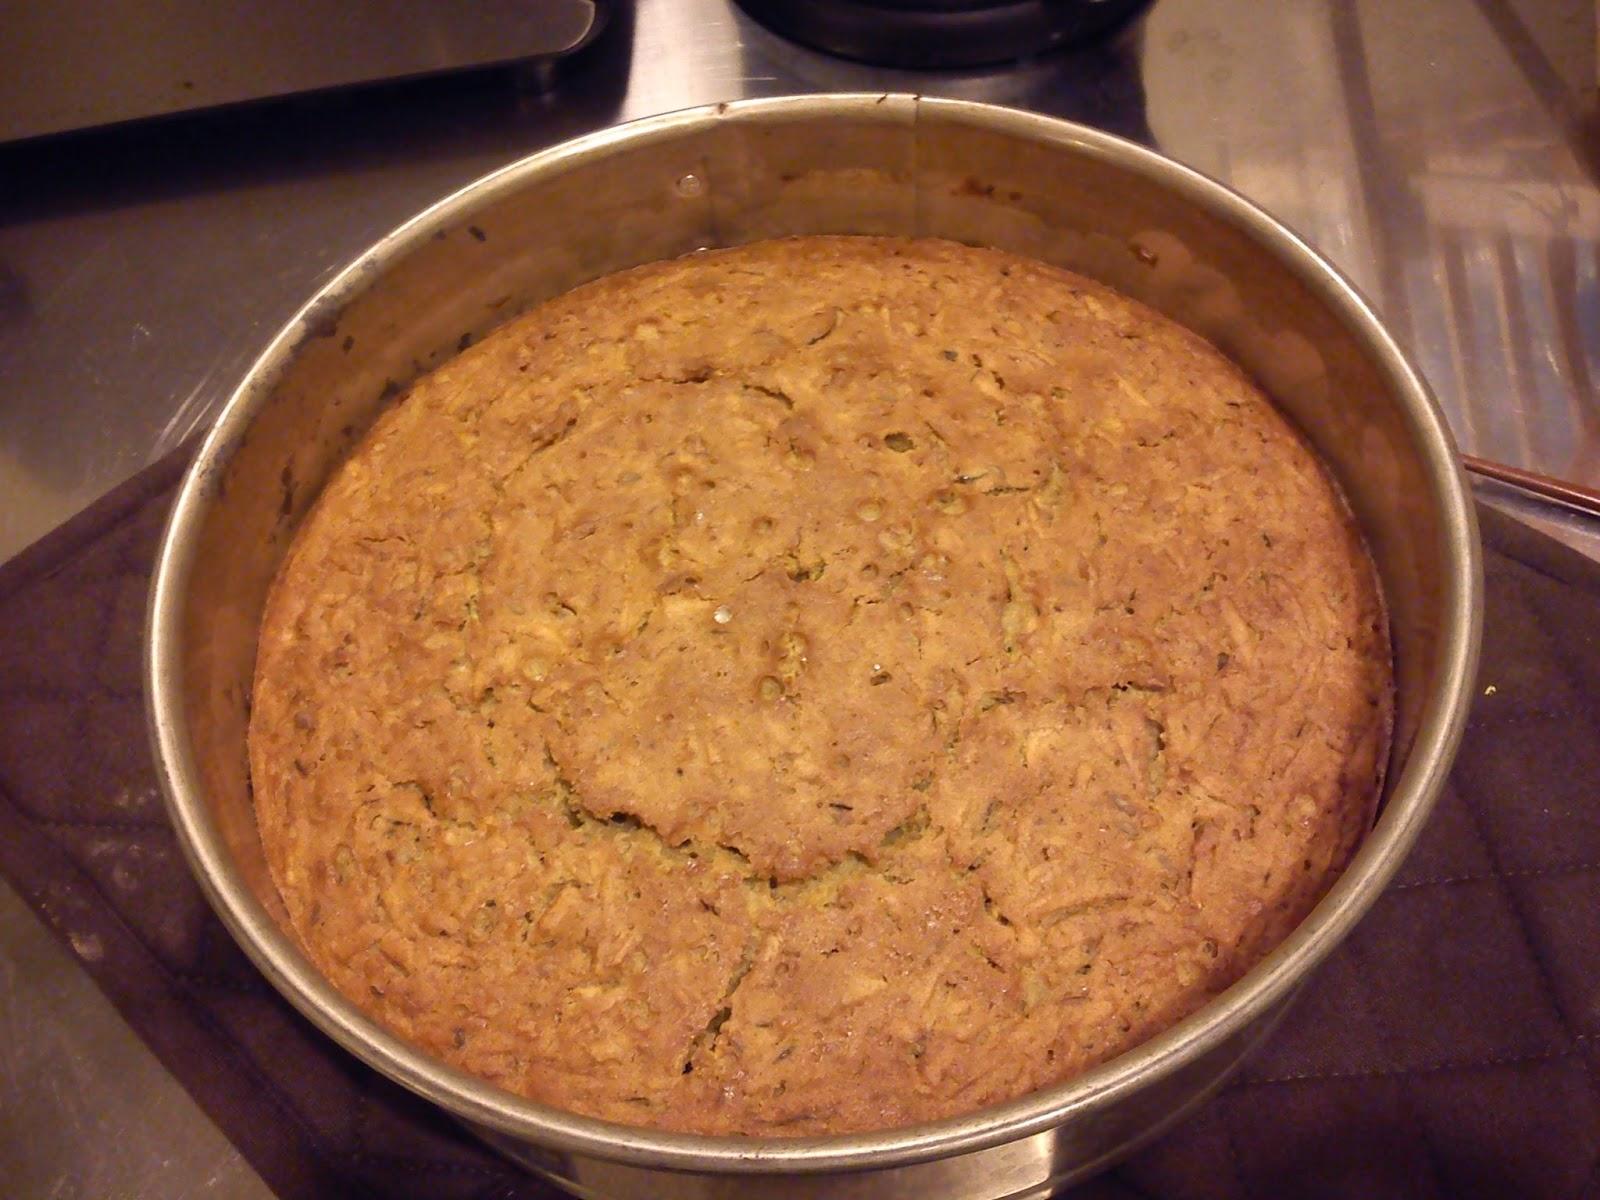 Tässä reseptin mukaan tehty bataattikakku suoraan uunista.